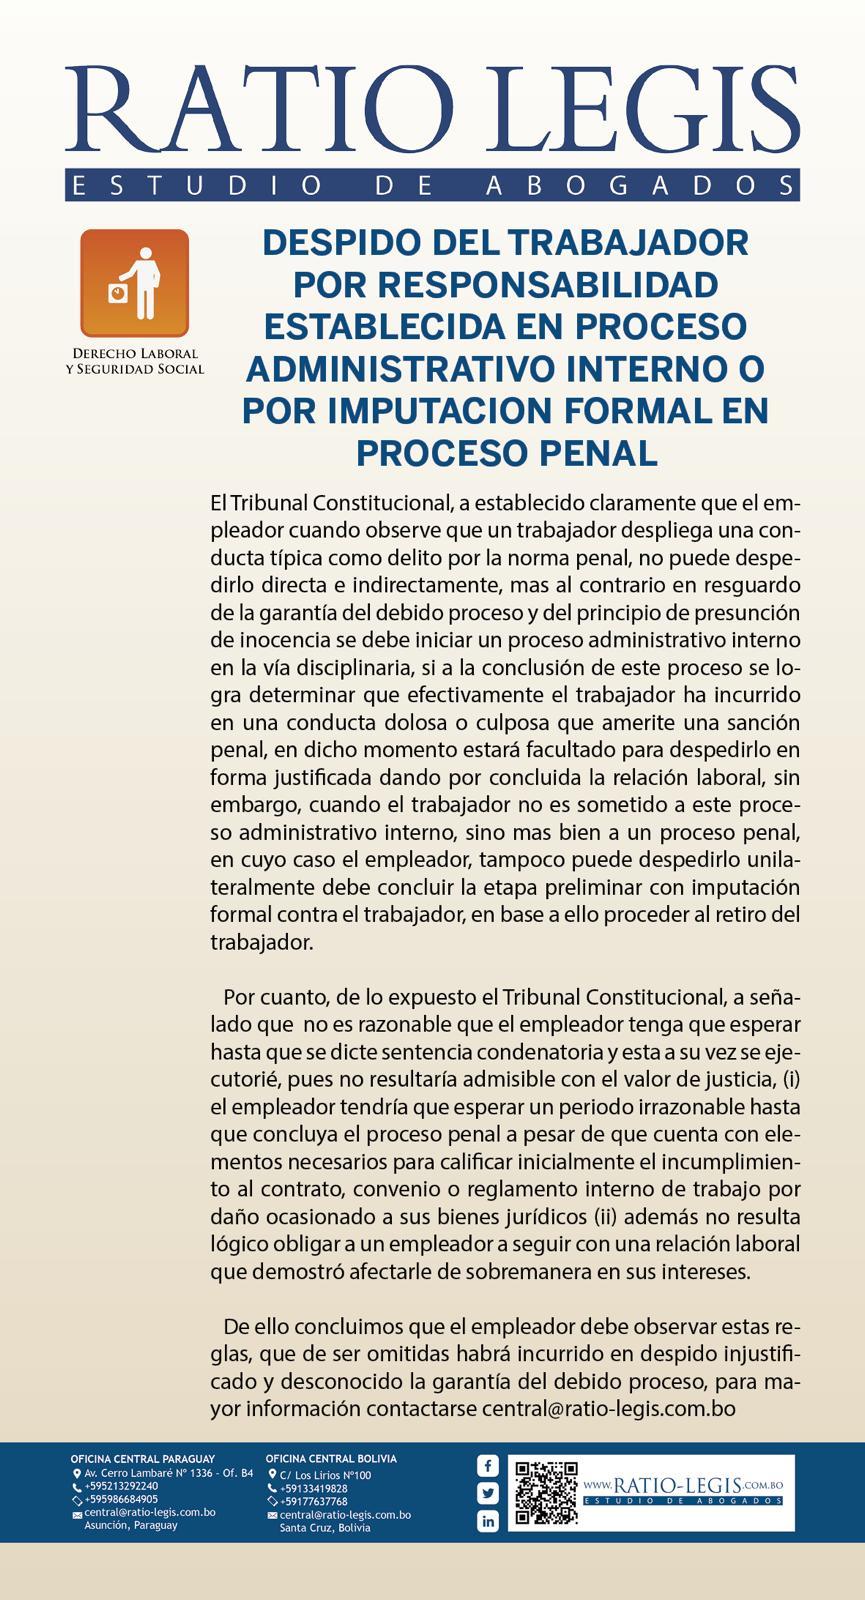 Despido del trabajador por responsabilidad establecida en proceso administrativo interno o por imputación formal en proceso penal